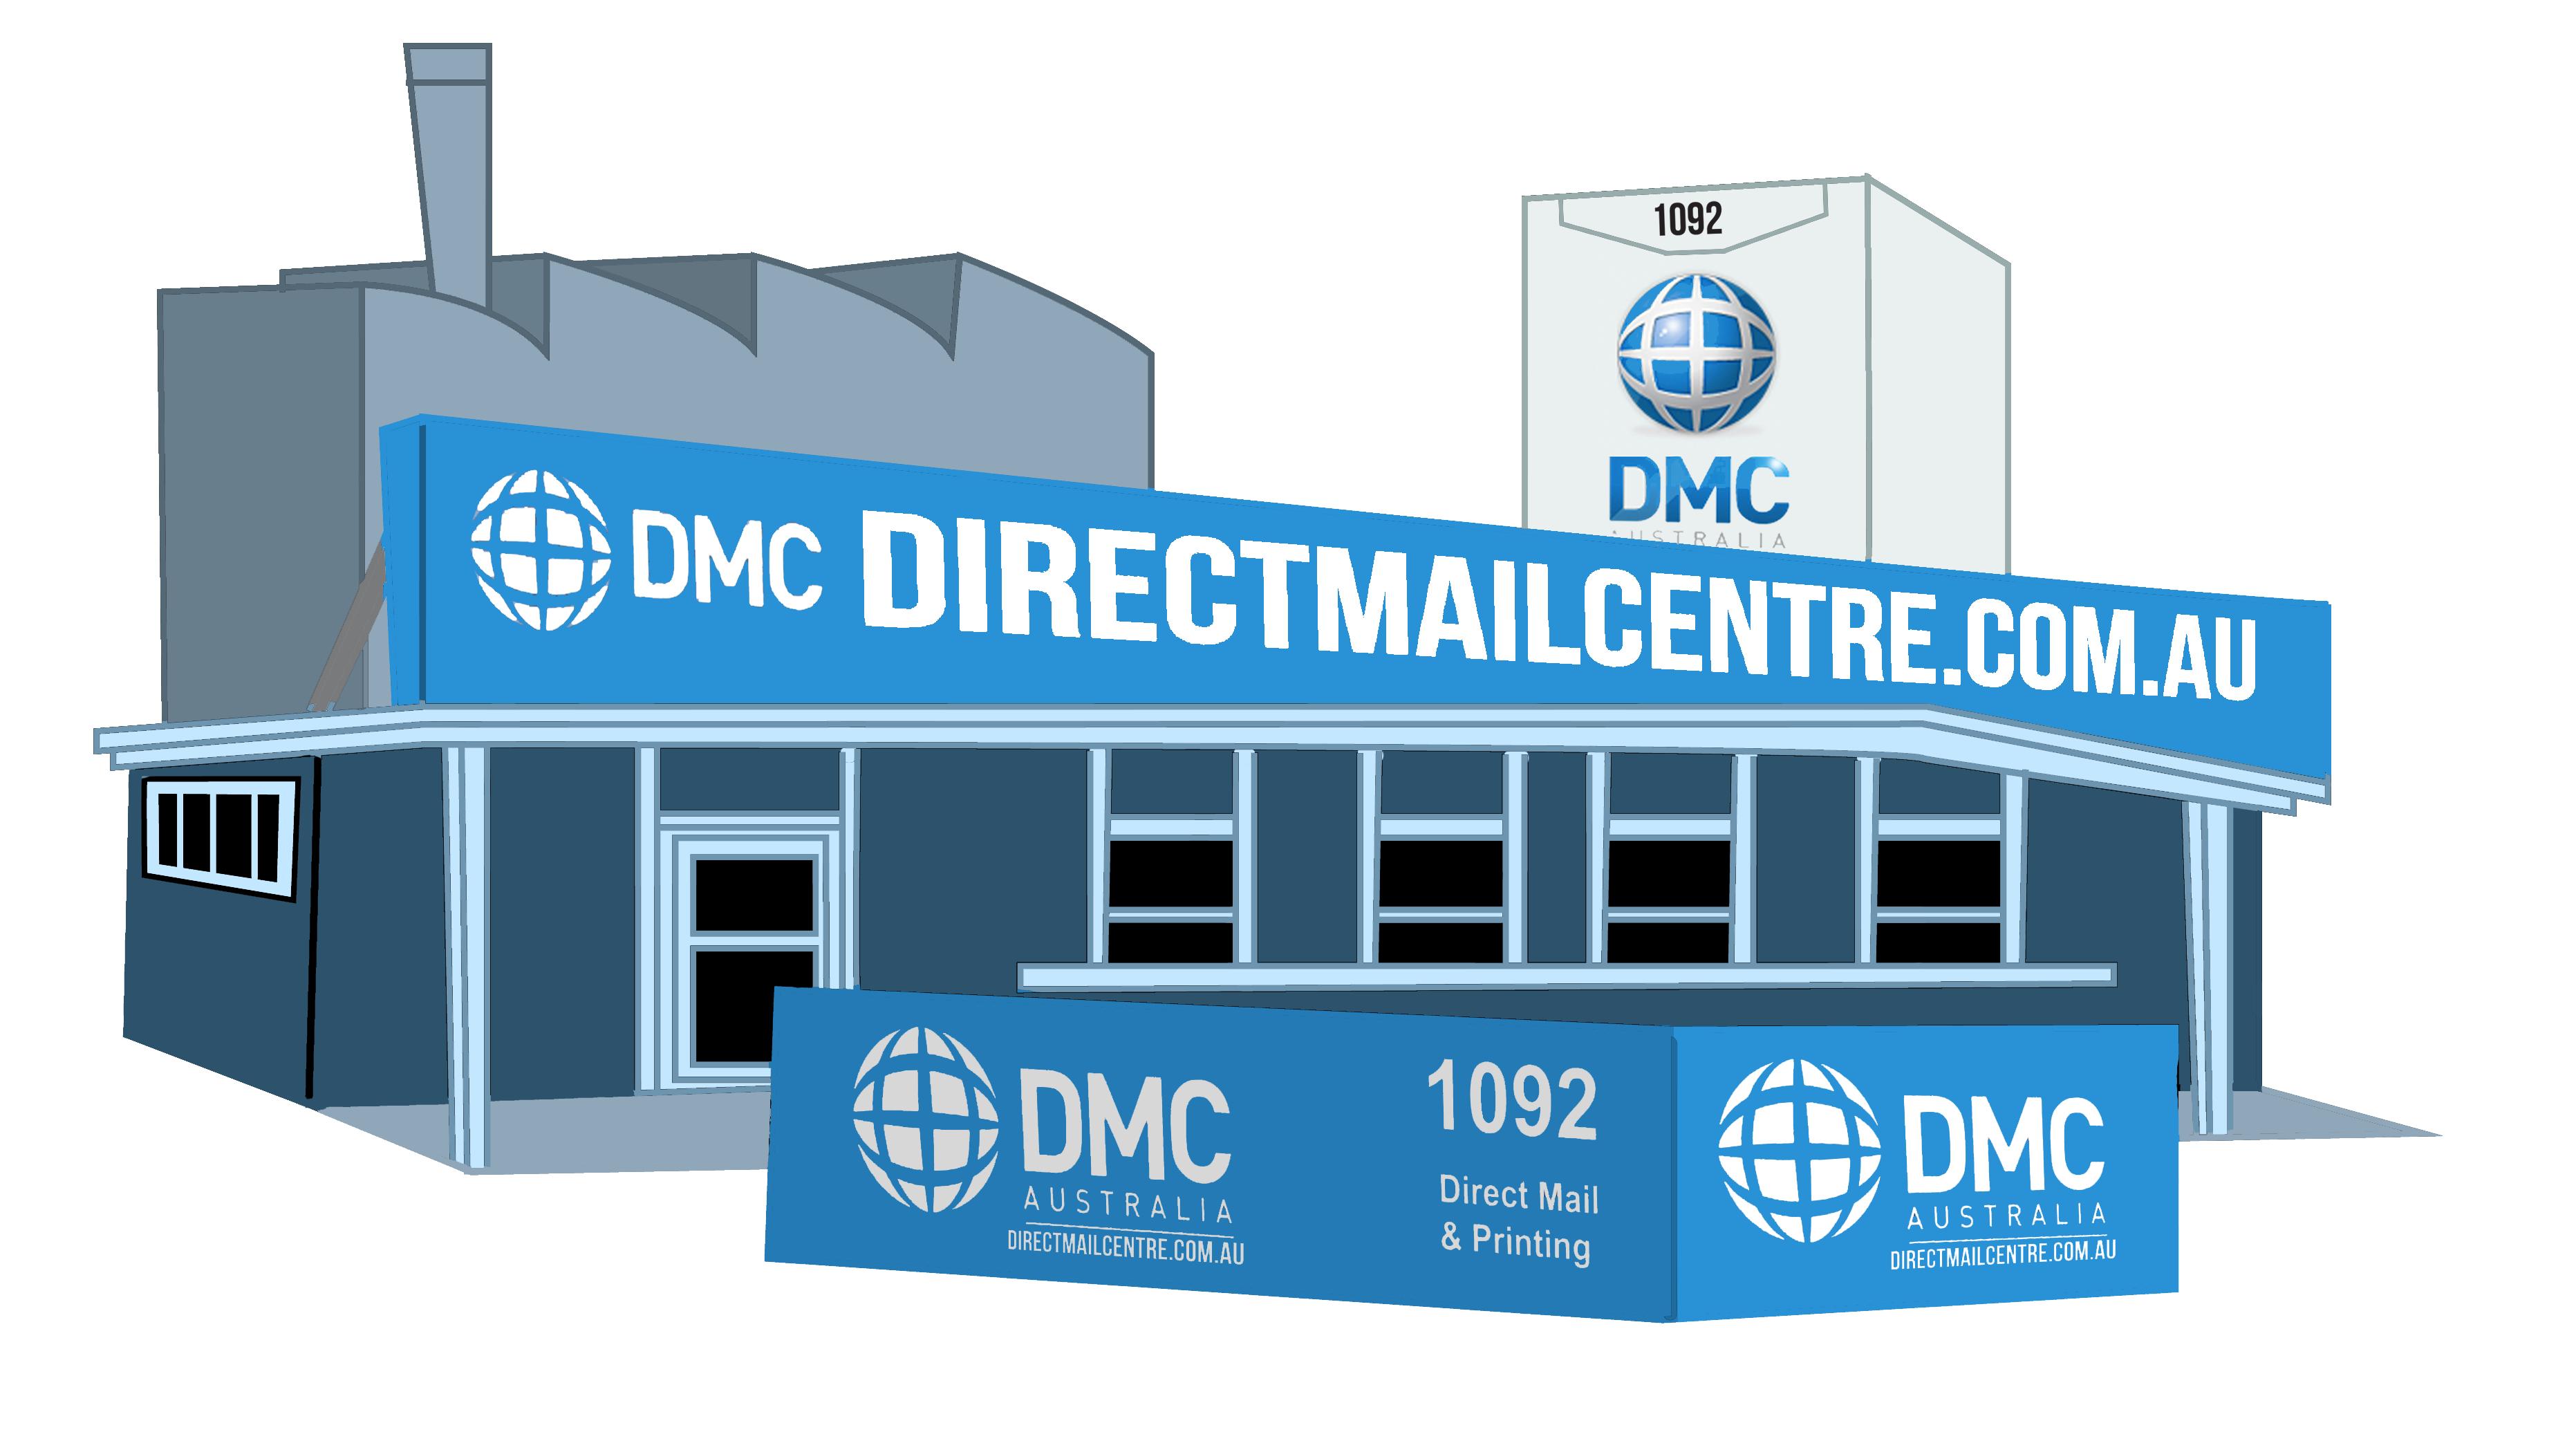 DMC_6a